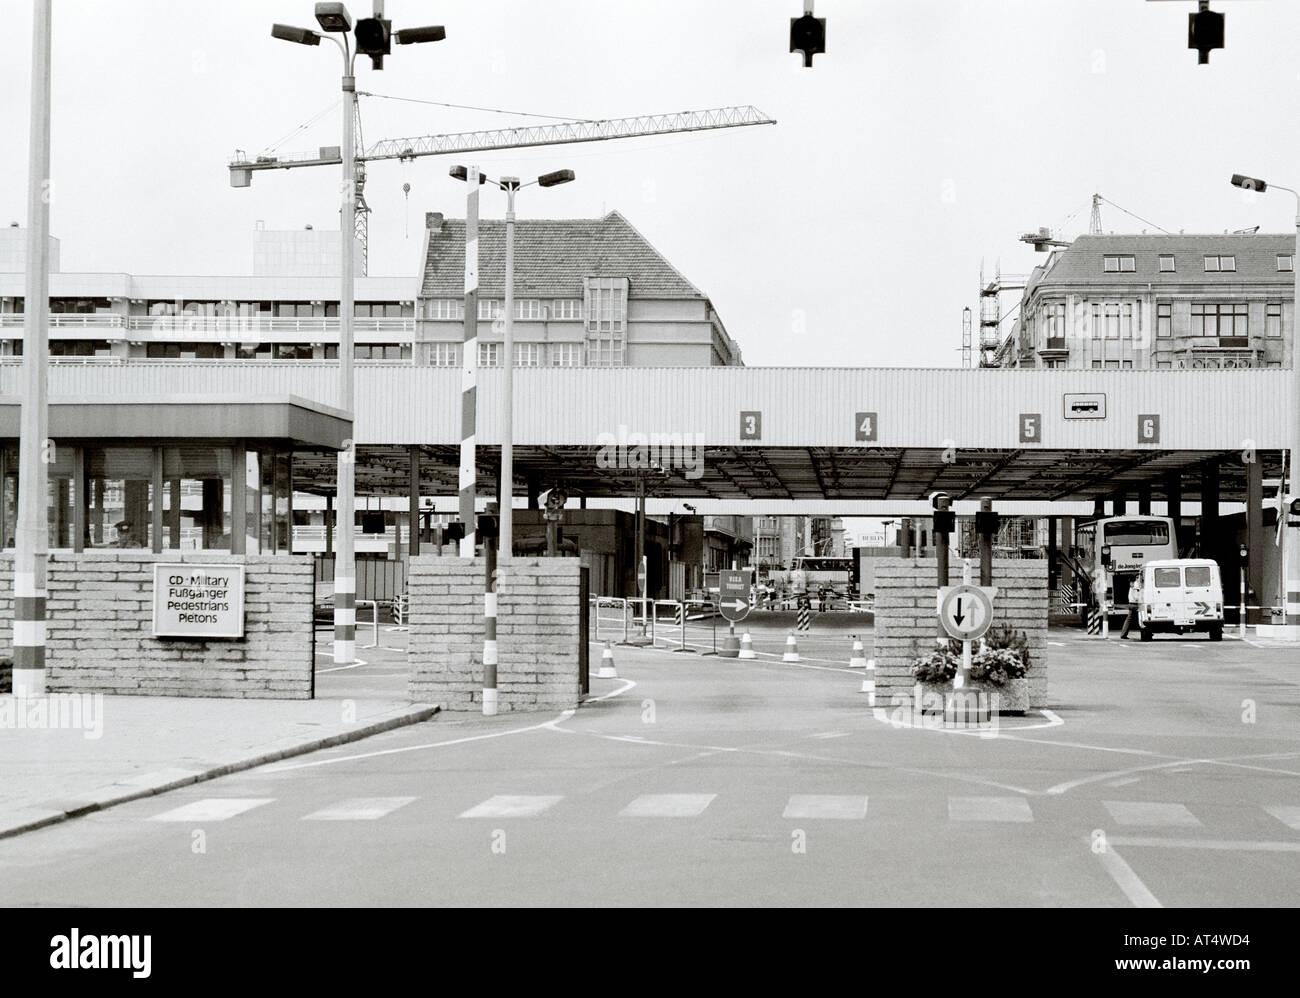 Checkpoint Charlie amerikanischen Sektor während des Kalten Krieges in West-Berlin in Deutschland in Europa. Geschichte historische Reportage Kultur City Reisen Stockbild